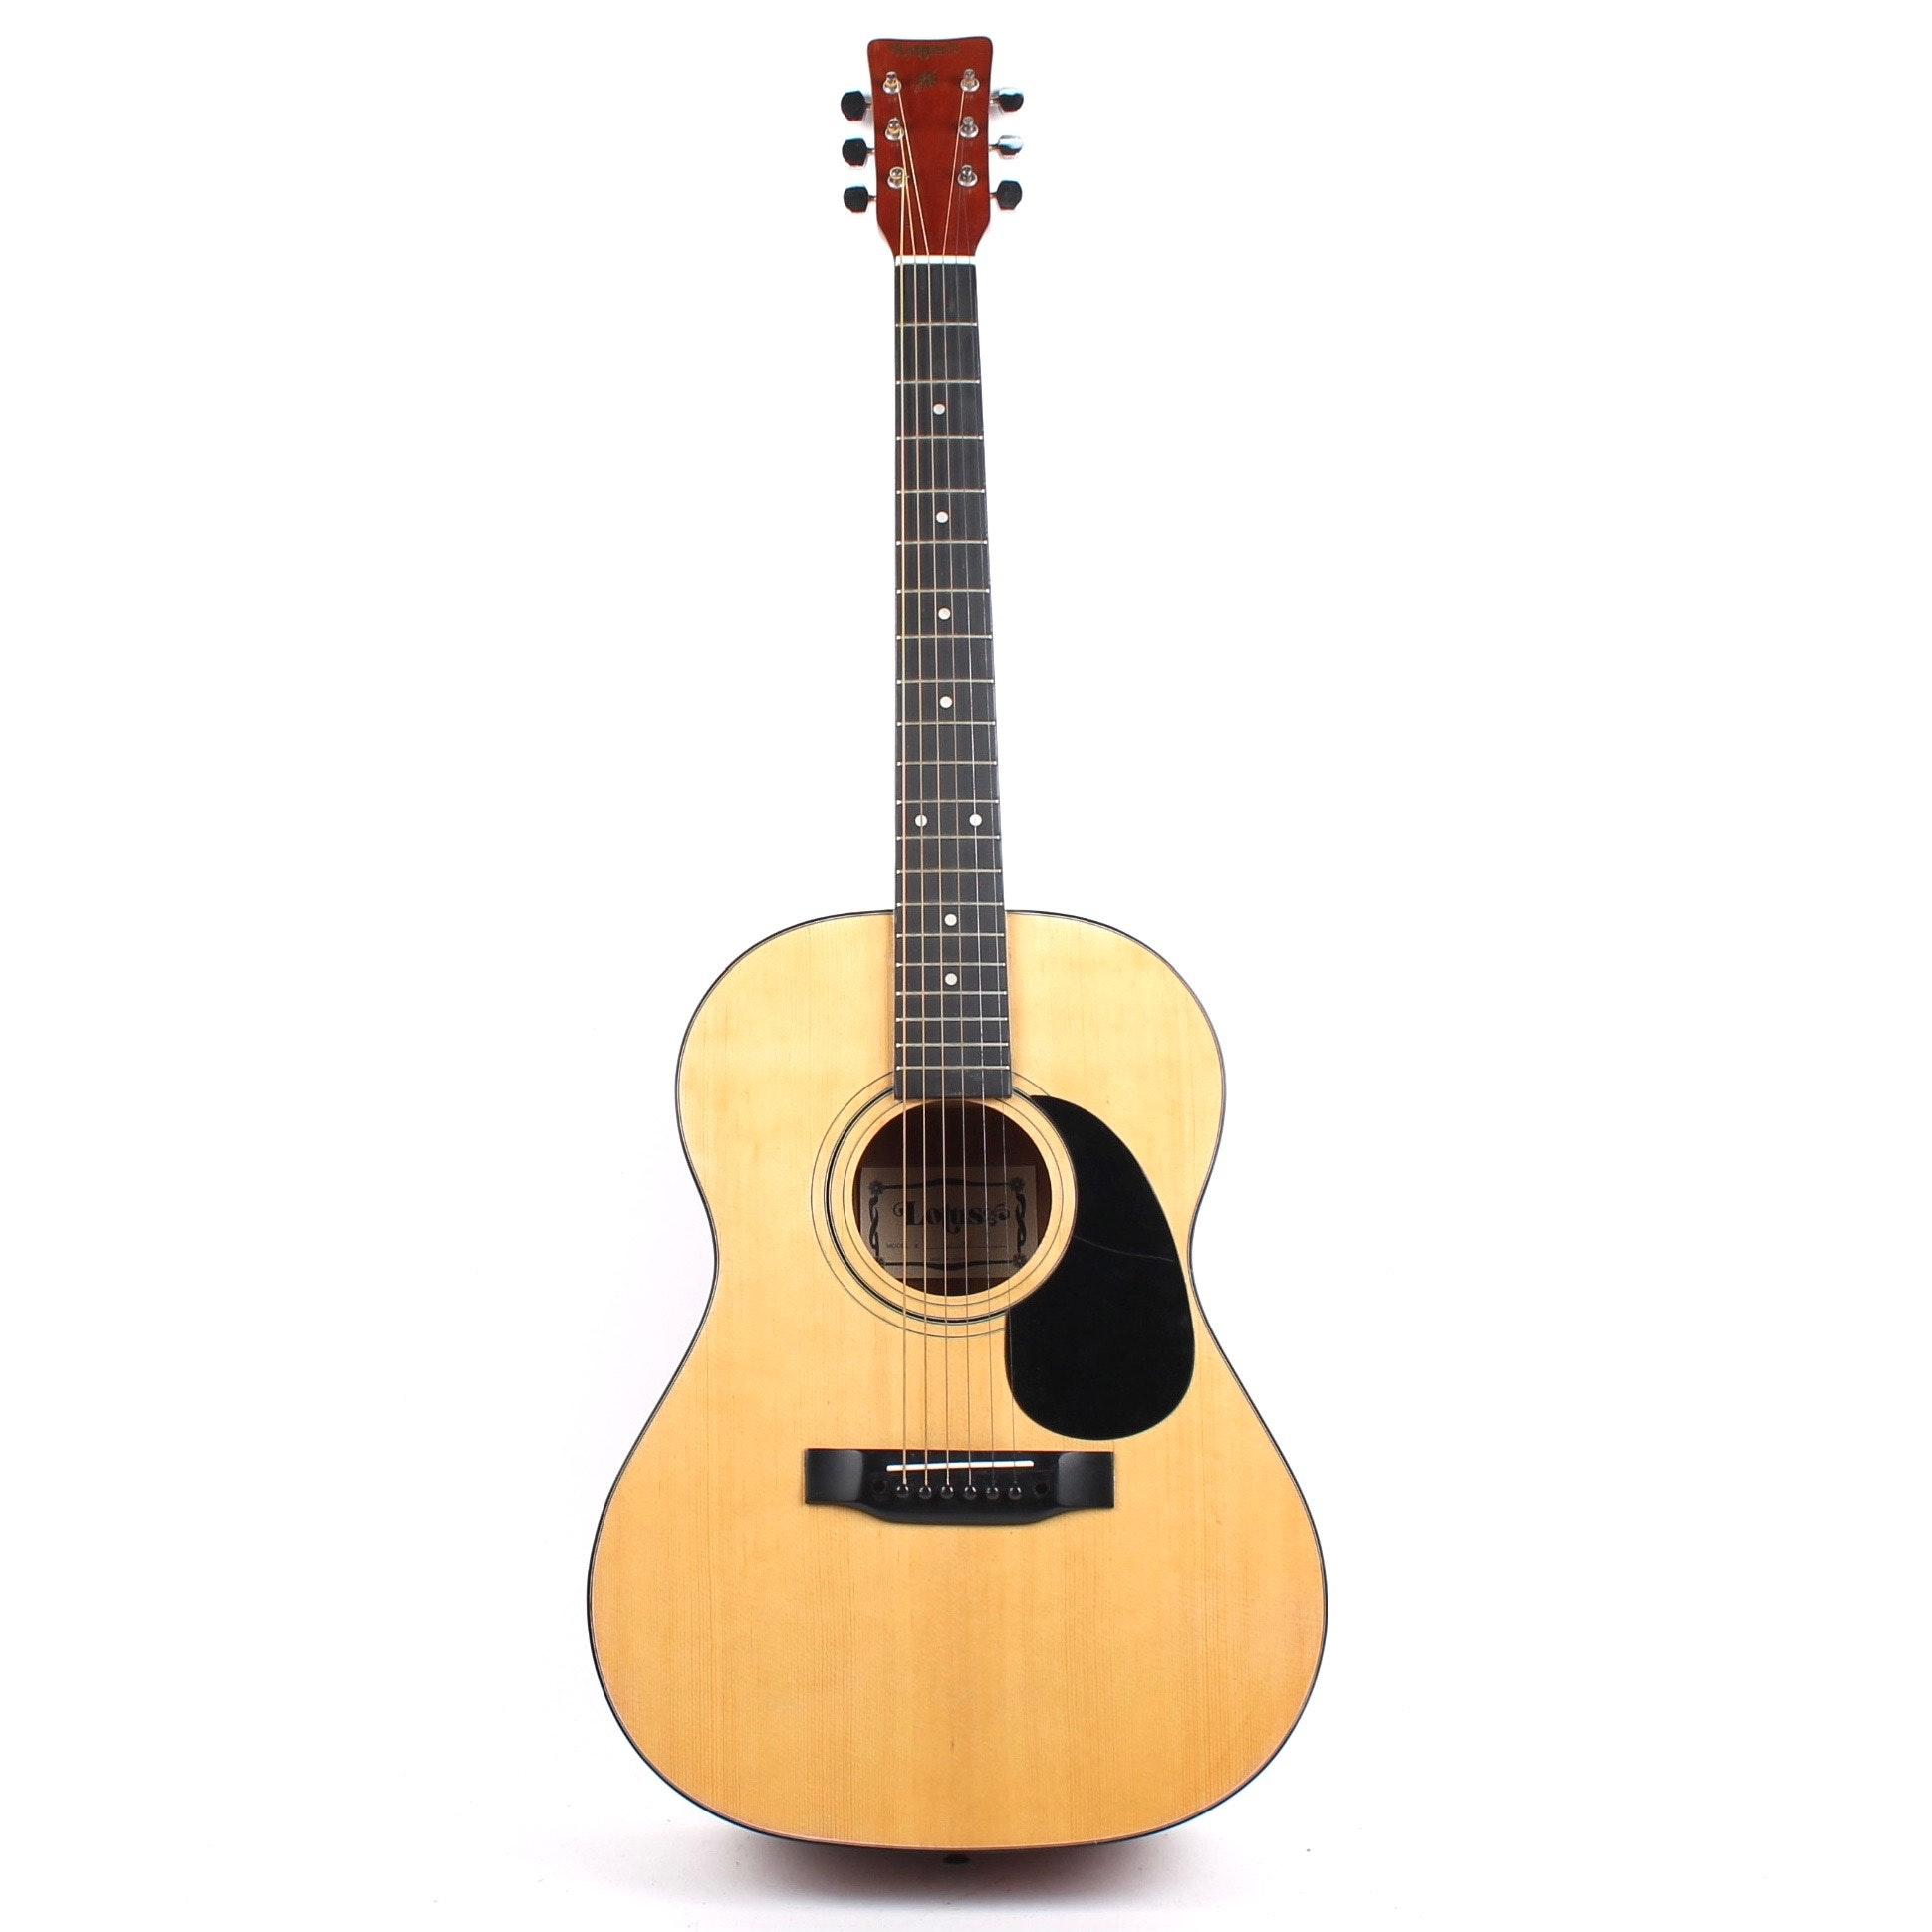 Lotus L20 Acoustic Guitar